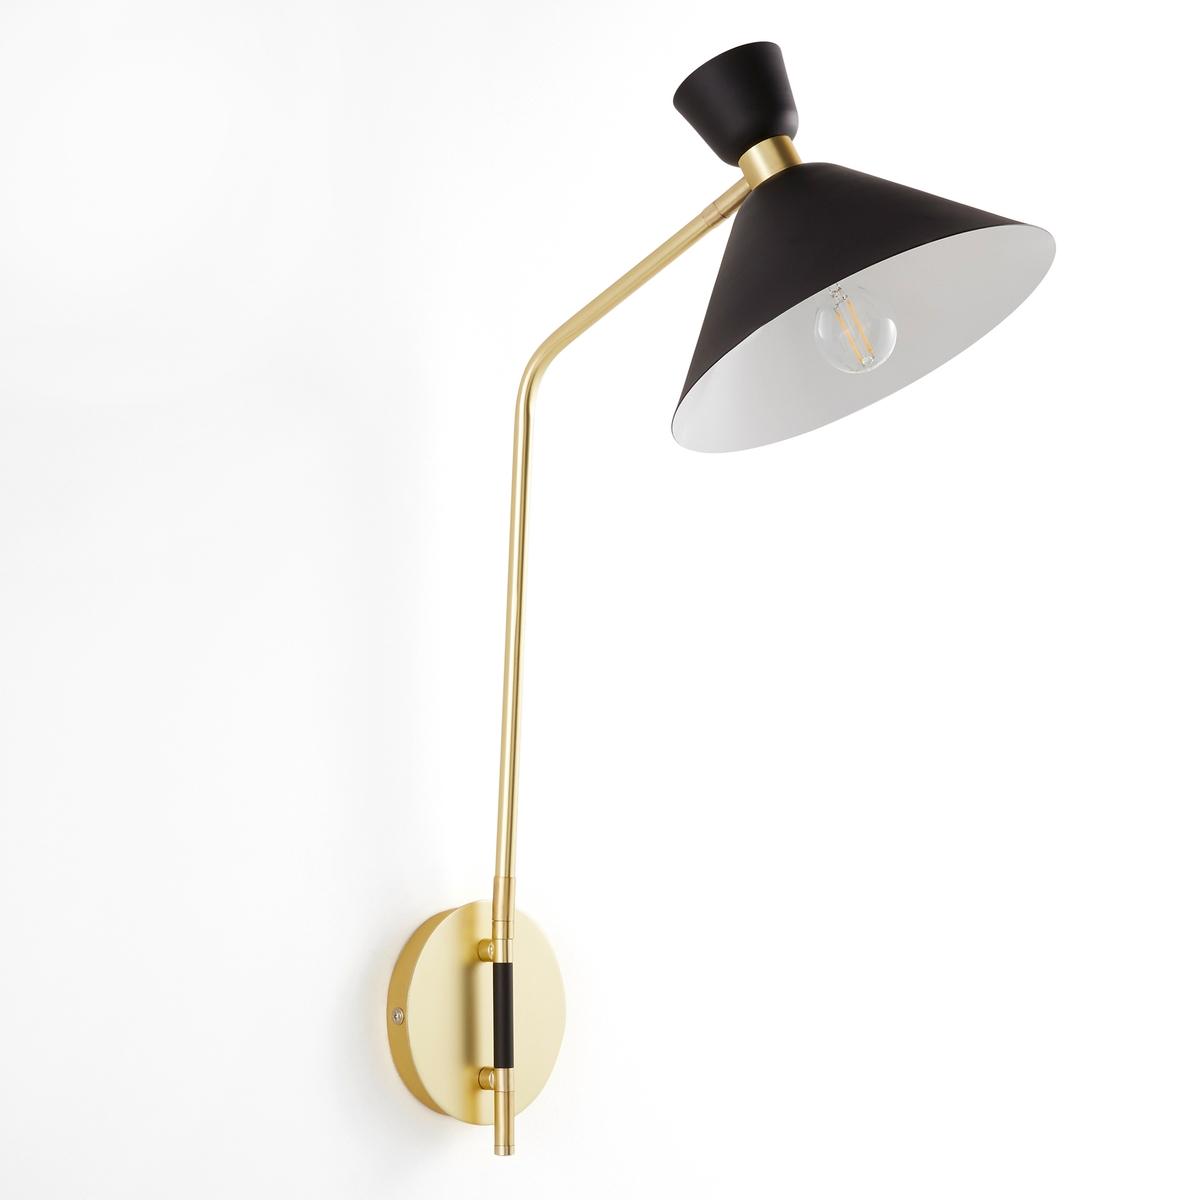 Бра ZoticusБра Zoticus. В обновленном стиле 50-х годов, который добавит очаровательную нотку вашему интерьеру благодаря сочетанию черного металла и латуни. Абажур и ножку можно поворачивать для направленного света.Характеристики:- Из черного металла и латуни- Патрон E14 для флуокомпактной лампы макс. 8 Вт, продается отдельно.- Совместим с лампами класса энергопотребления A.Размеры:- Ш37 x В62 x Г23 см<br><br>Цвет: черный/латунь